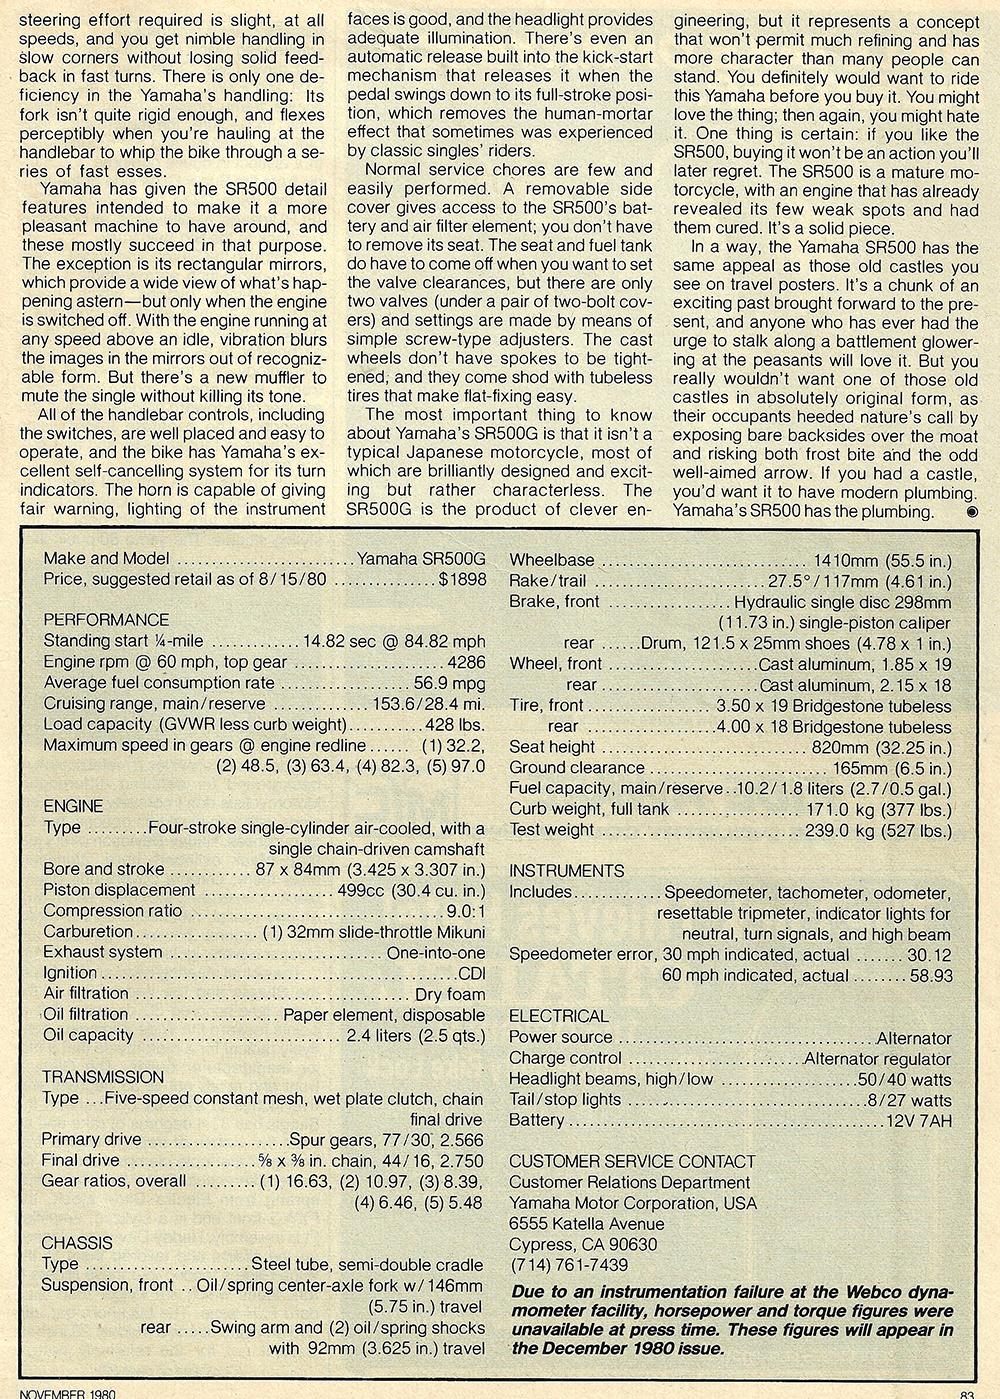 1980 Yamaha SR500 G road test 06.jpg